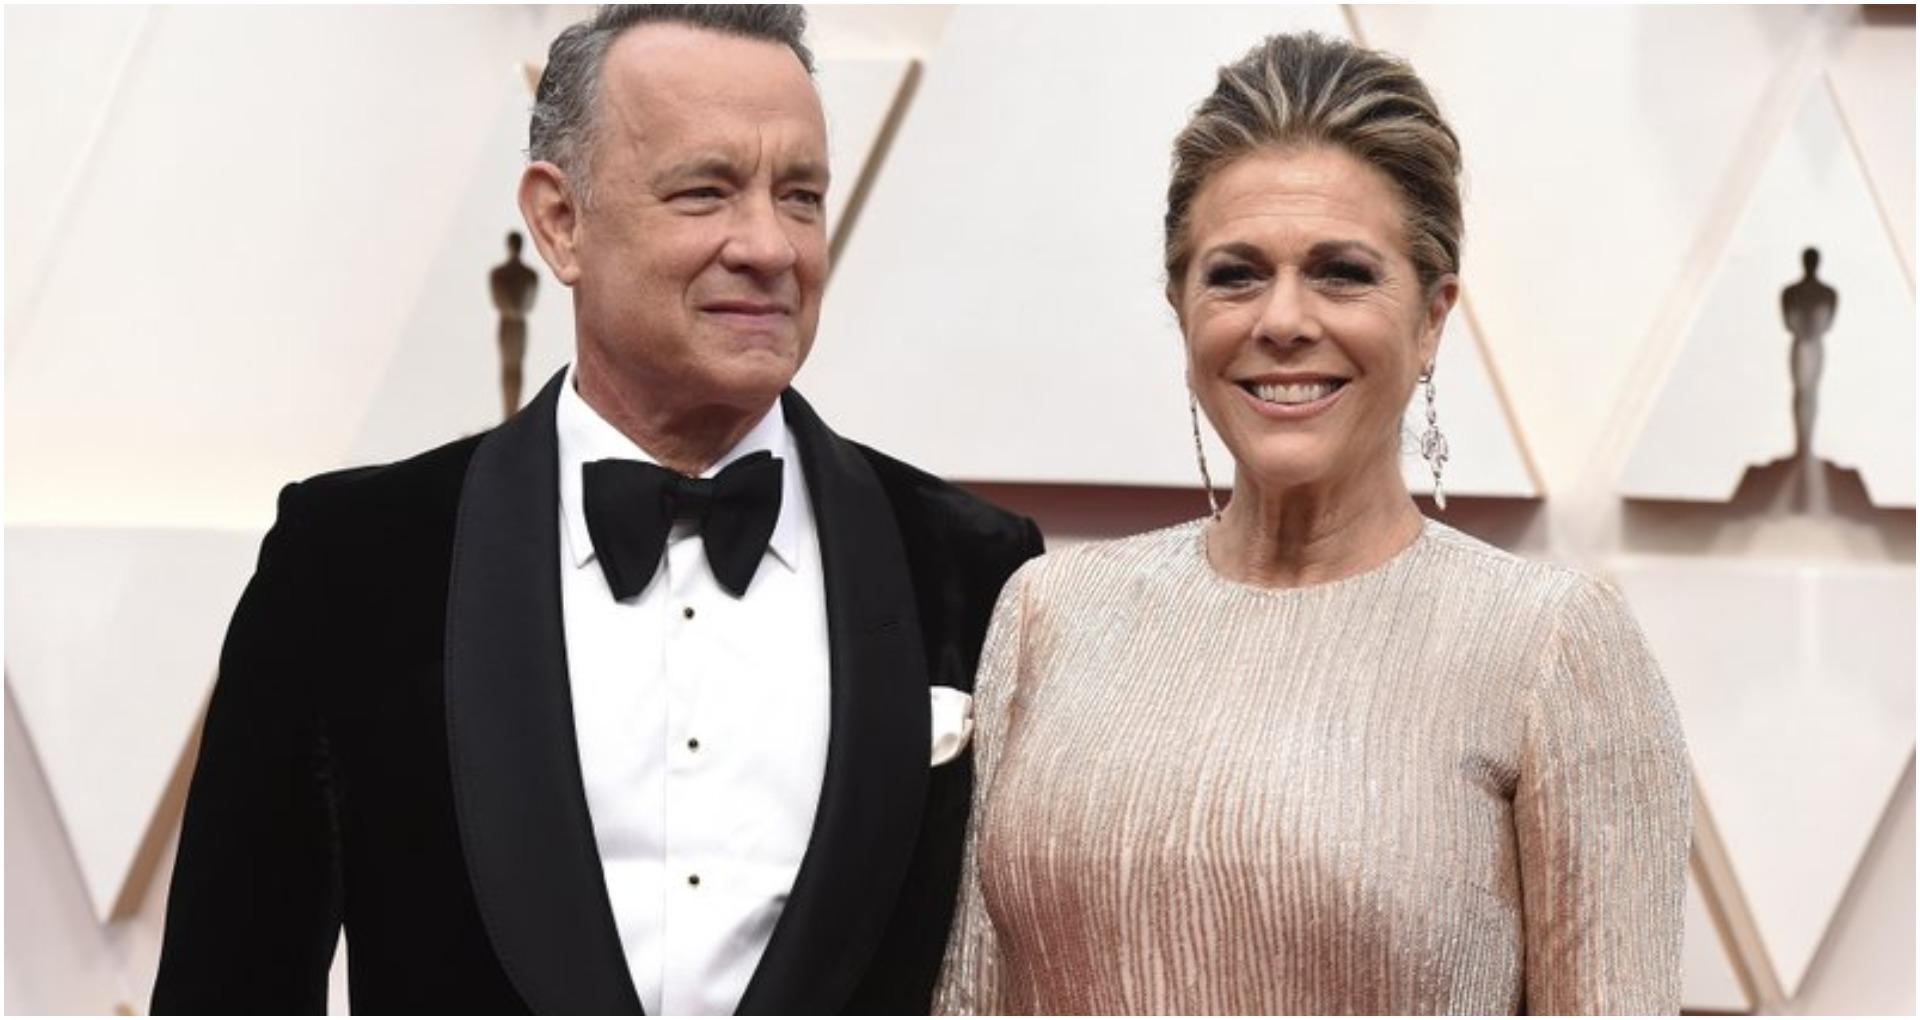 Coronavirus: अभिनेता टॉम हैंक्स और उनकी पत्नी रीटा विलसन कोरोना वायरस की चपेट में, फैंस ने मांगी सलामती की दुआ